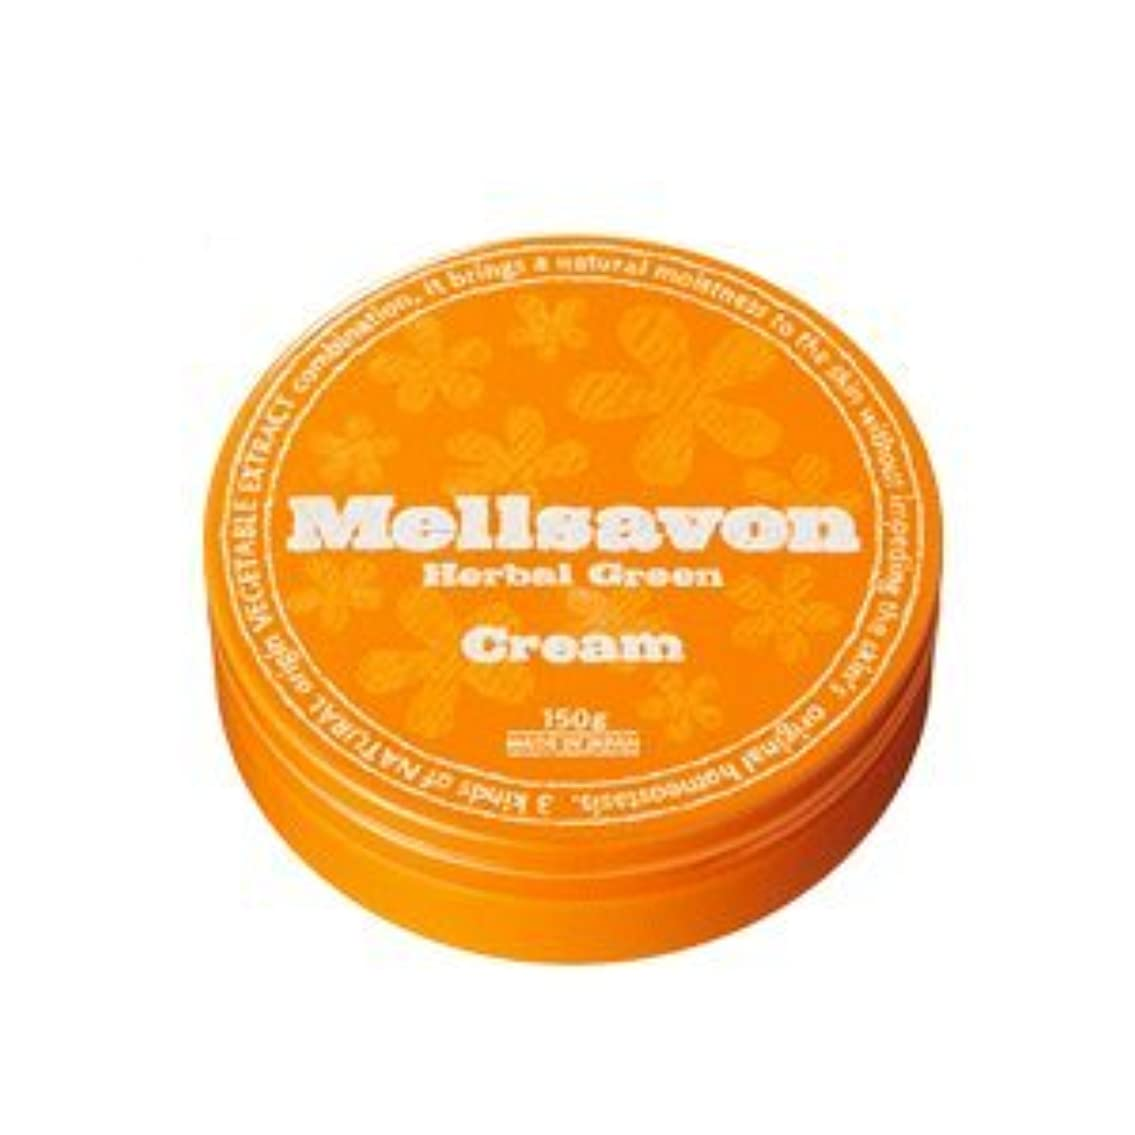 仲良し準備する余分なメルサボン スキンケアクリーム ハーバルグリーンの香り 中缶 65g